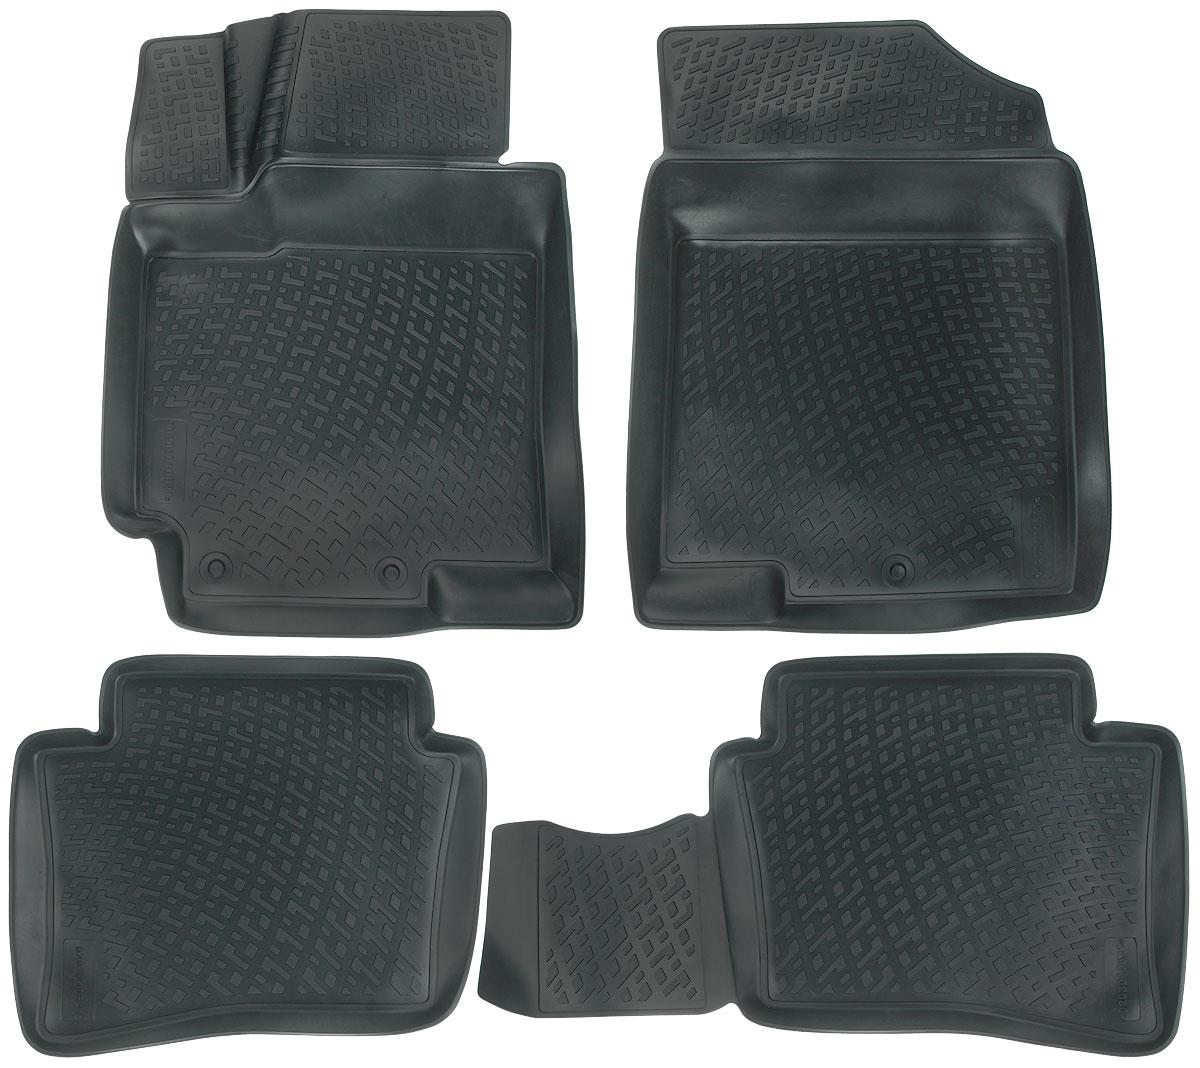 Набор автомобильных ковриков L.Locker Kia Rio 2011, в салон, 4 шт0203010601Набор L.Locker Kia Rio 2011, изготовленный из полиуретана,состоит из 4 антискользящих 3D ковриков,которые производятся индивидуально для каждой моделиавтомобиля. Изделие точно повторяет геометрию пола автомобиля, имеет высокийборт, обладает повышенной износоустойчивостью, лишено резкого запаха и сохраняет своипотребительские свойства в широком диапазоне температур от -50°С до +50°С.Комплектация: 4 шт.Размер ковриков: 75 см х 56 см; 85 см х 48 см; 56 см х 47 см; 74 см х 56 см.